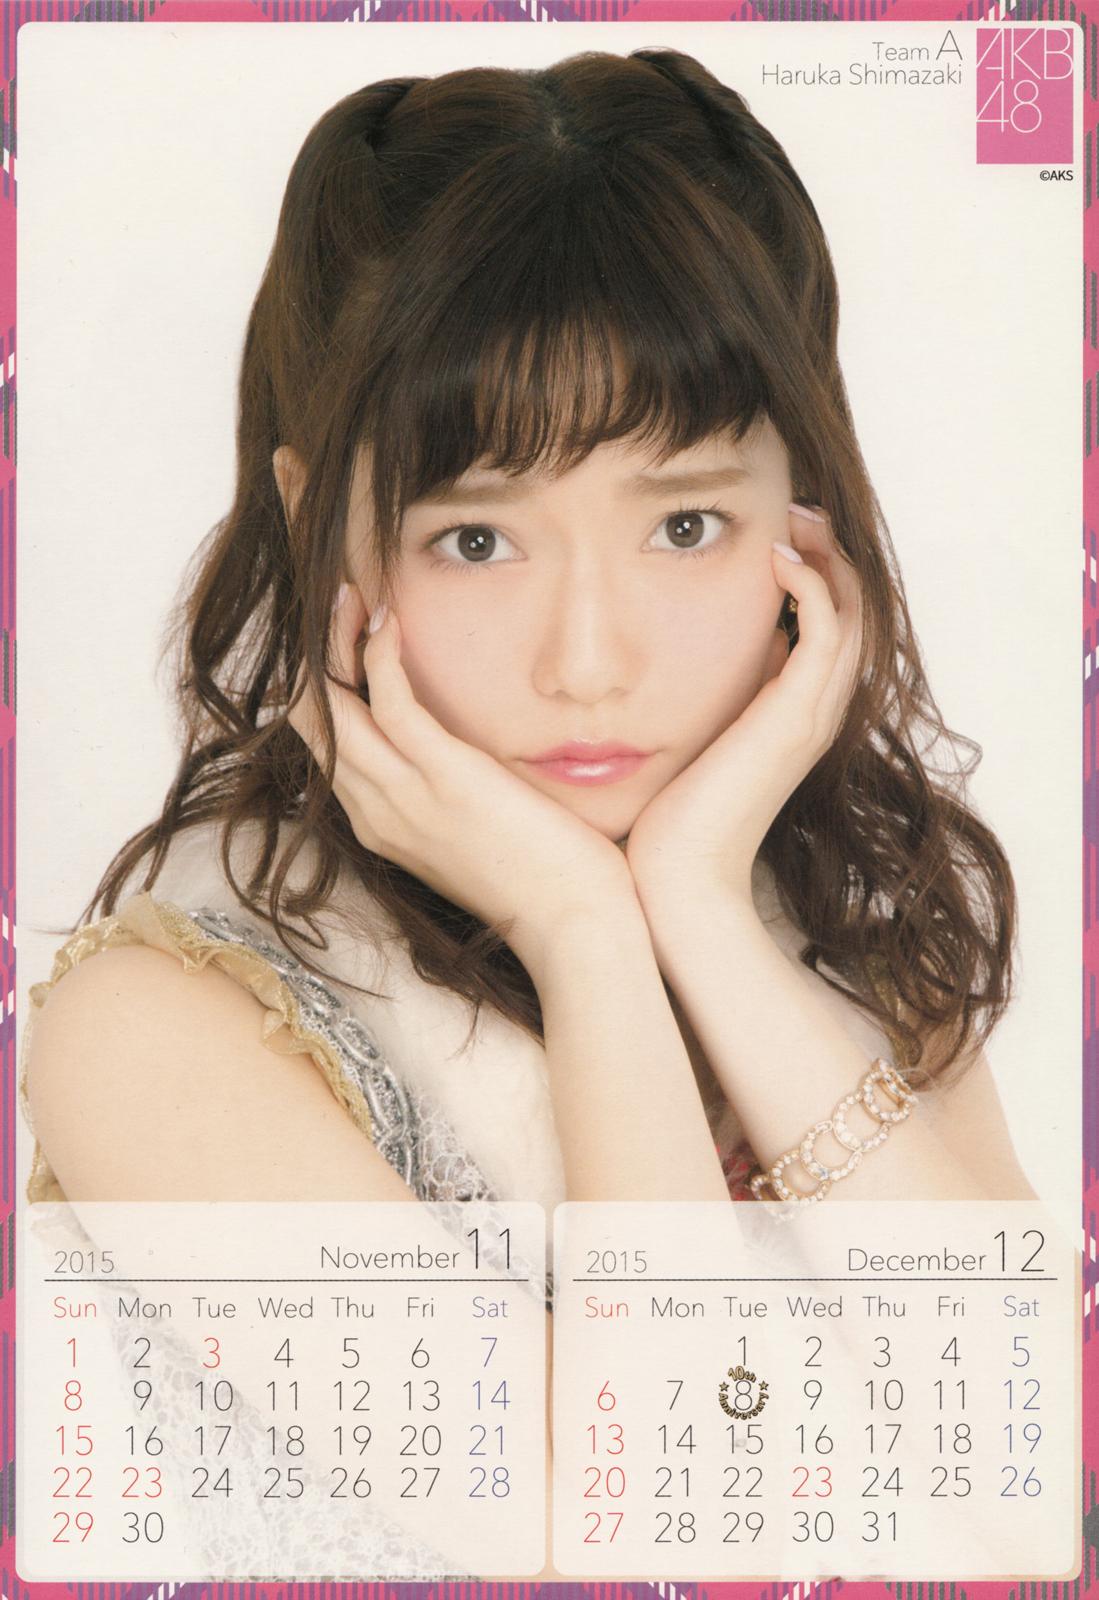 Shimazaki Haruka 2015 Calendar - AKB48 Photo (37898402) - Fanpop